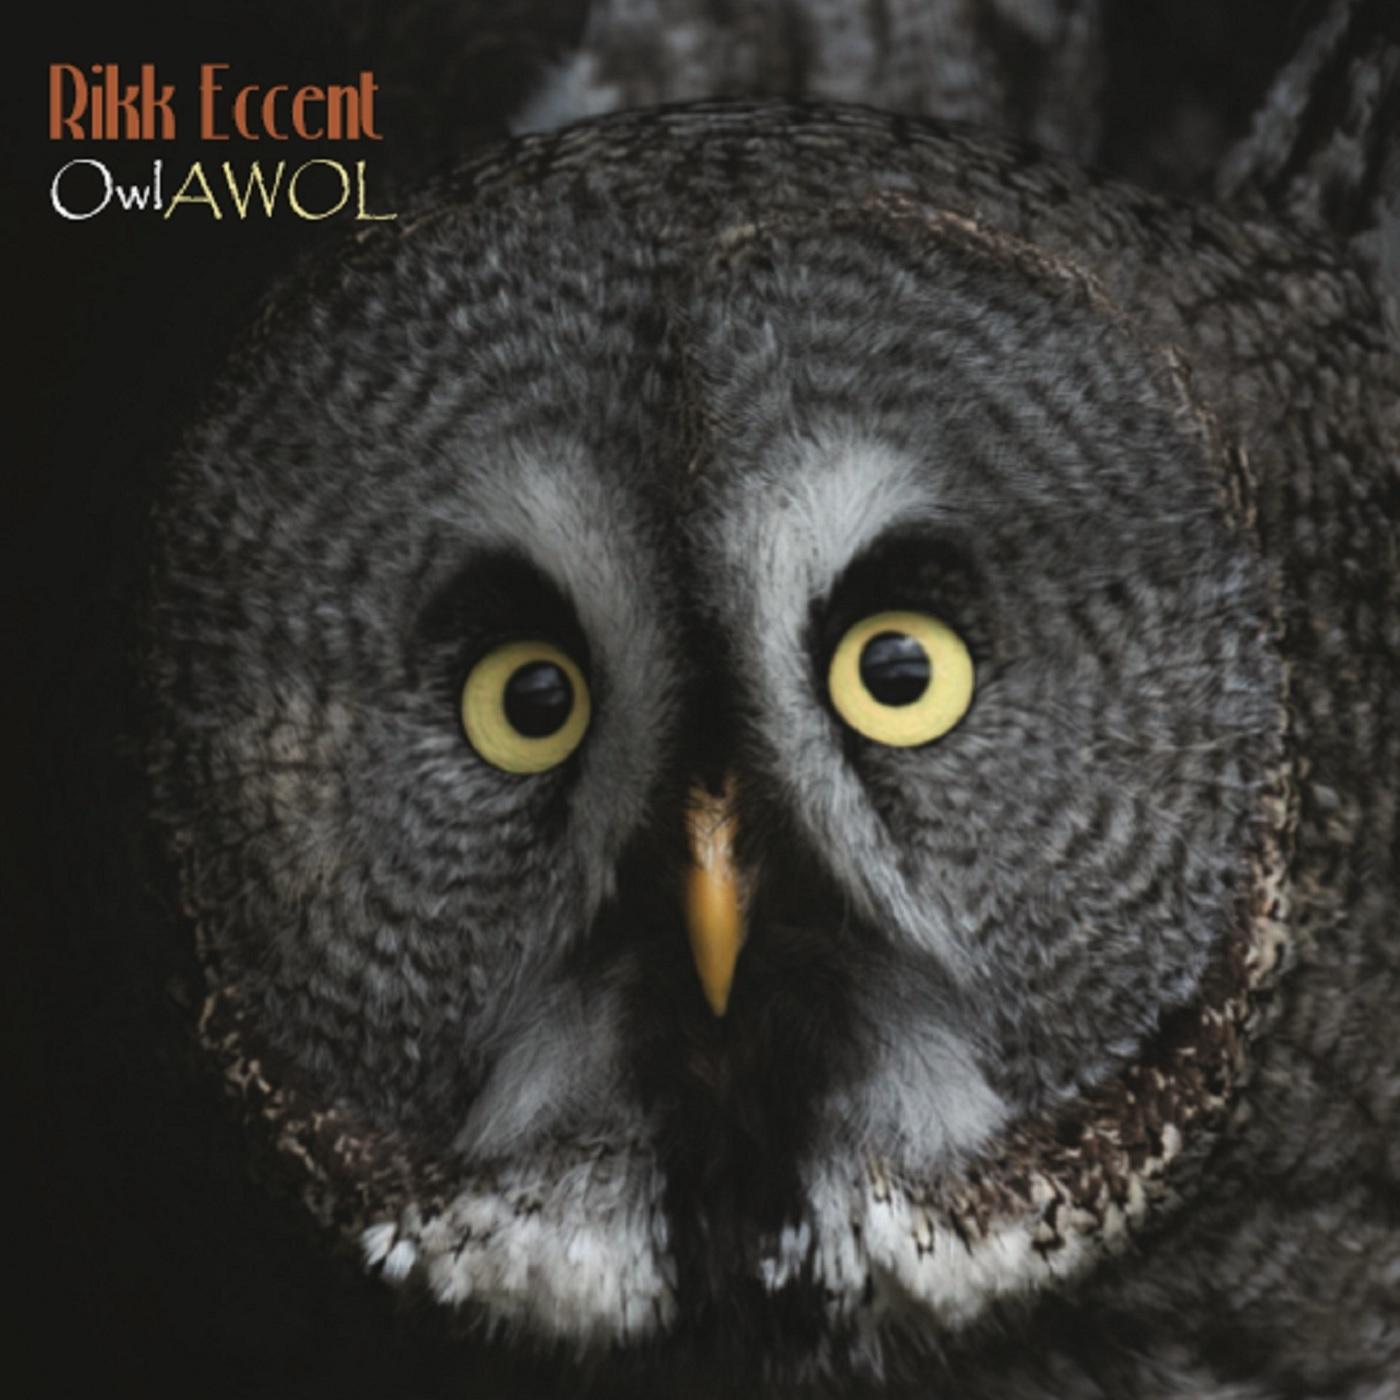 Rikk Eccent: OwlAWOL!